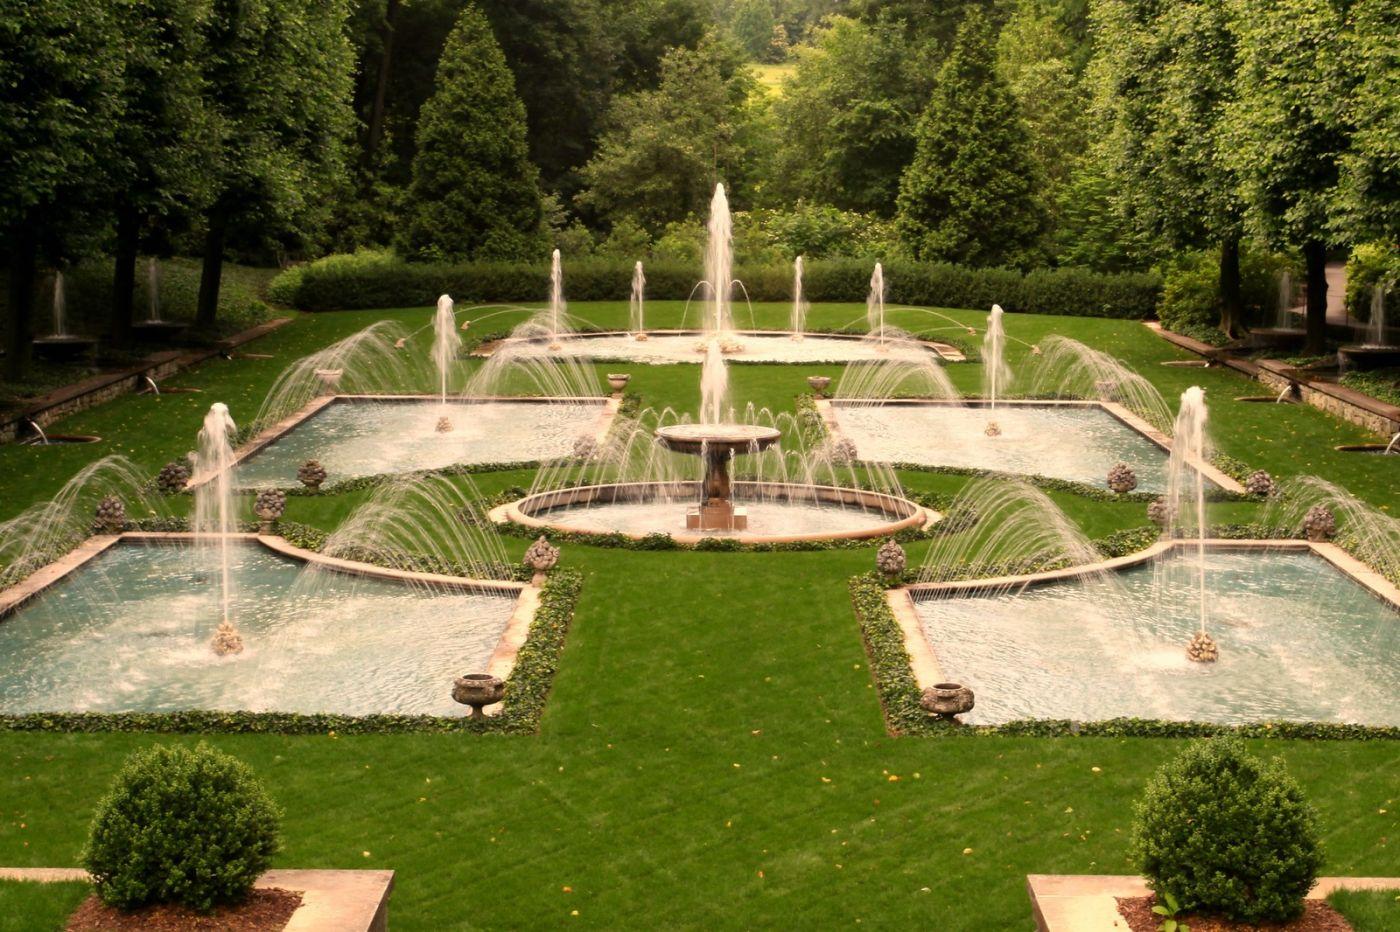 宾州长木公园,定格美好的画面_图1-4